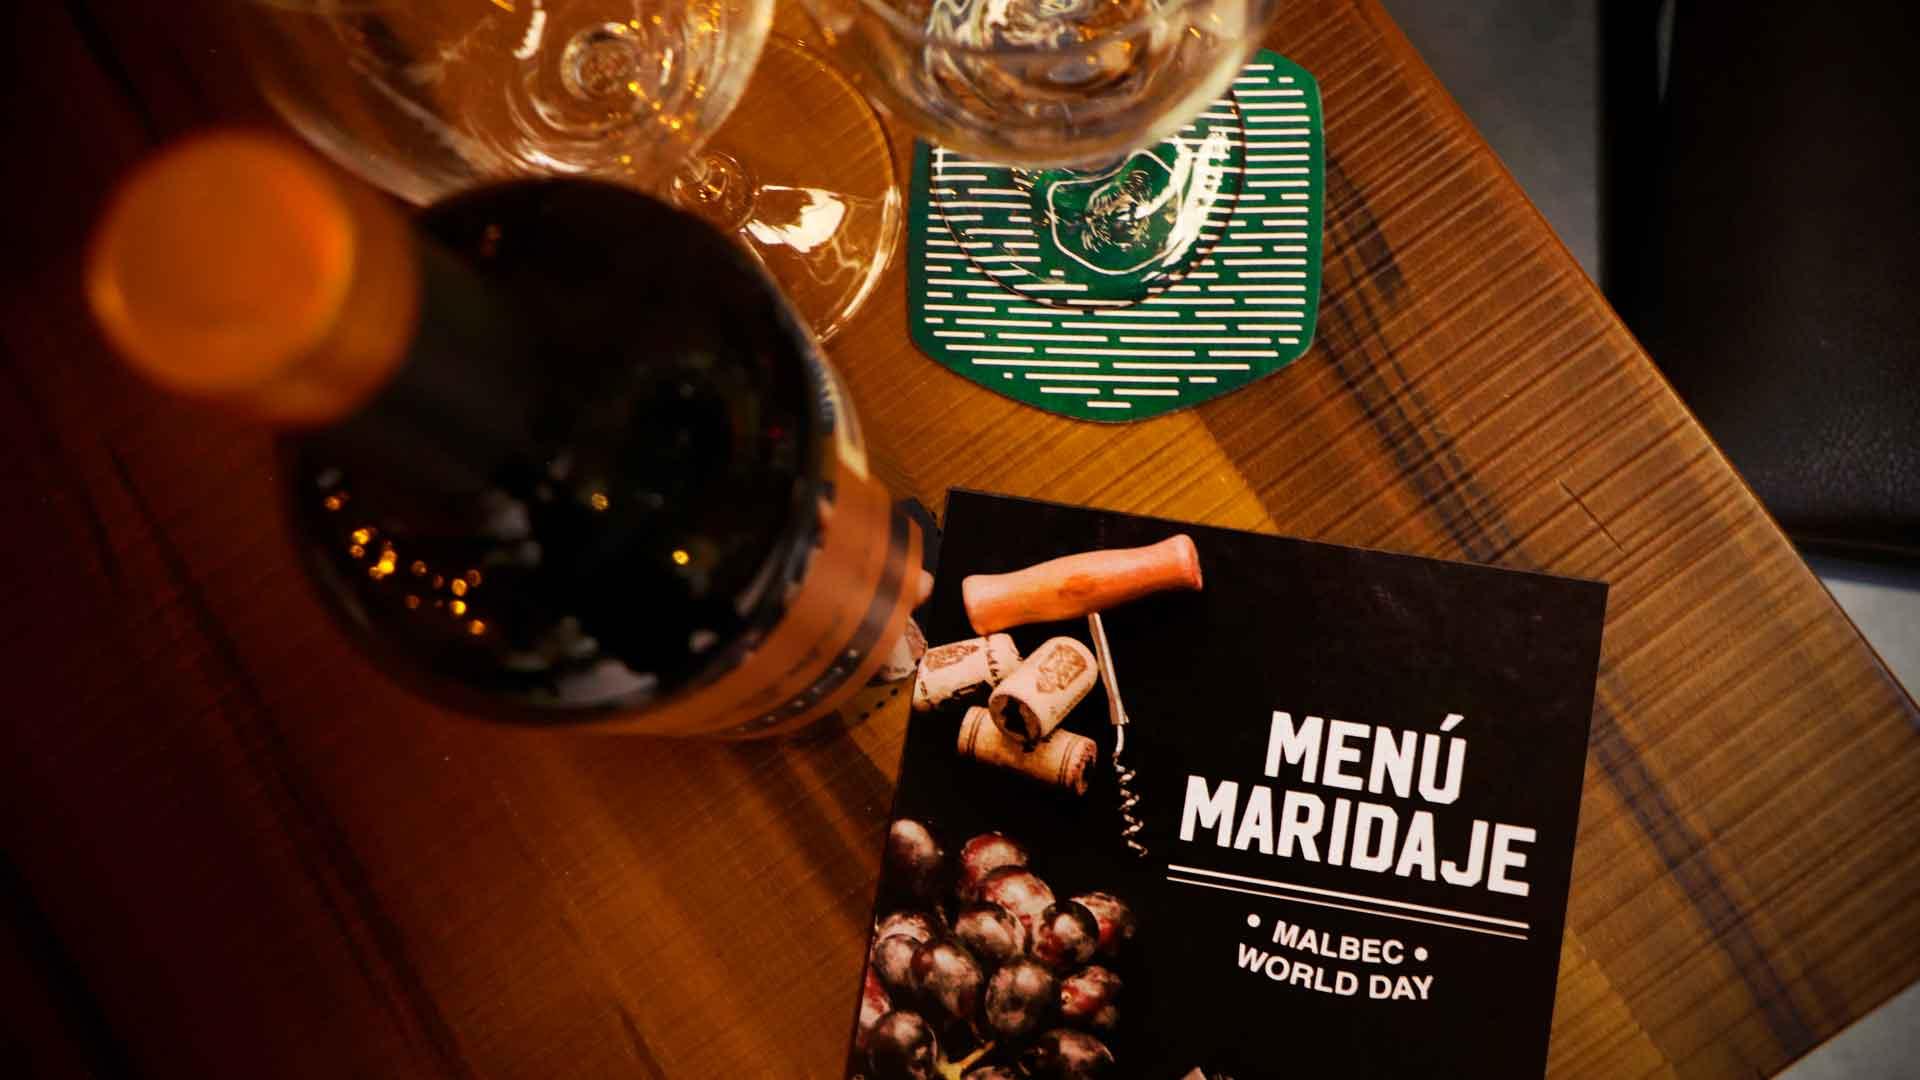 Celebra el Día del Malbec en Fonda Argentina